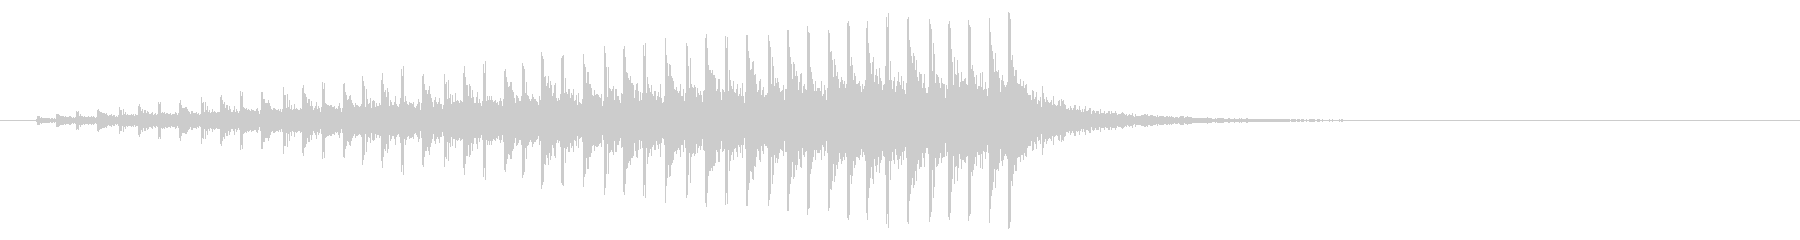 パーカッション-ドラムロールの未再生の波形